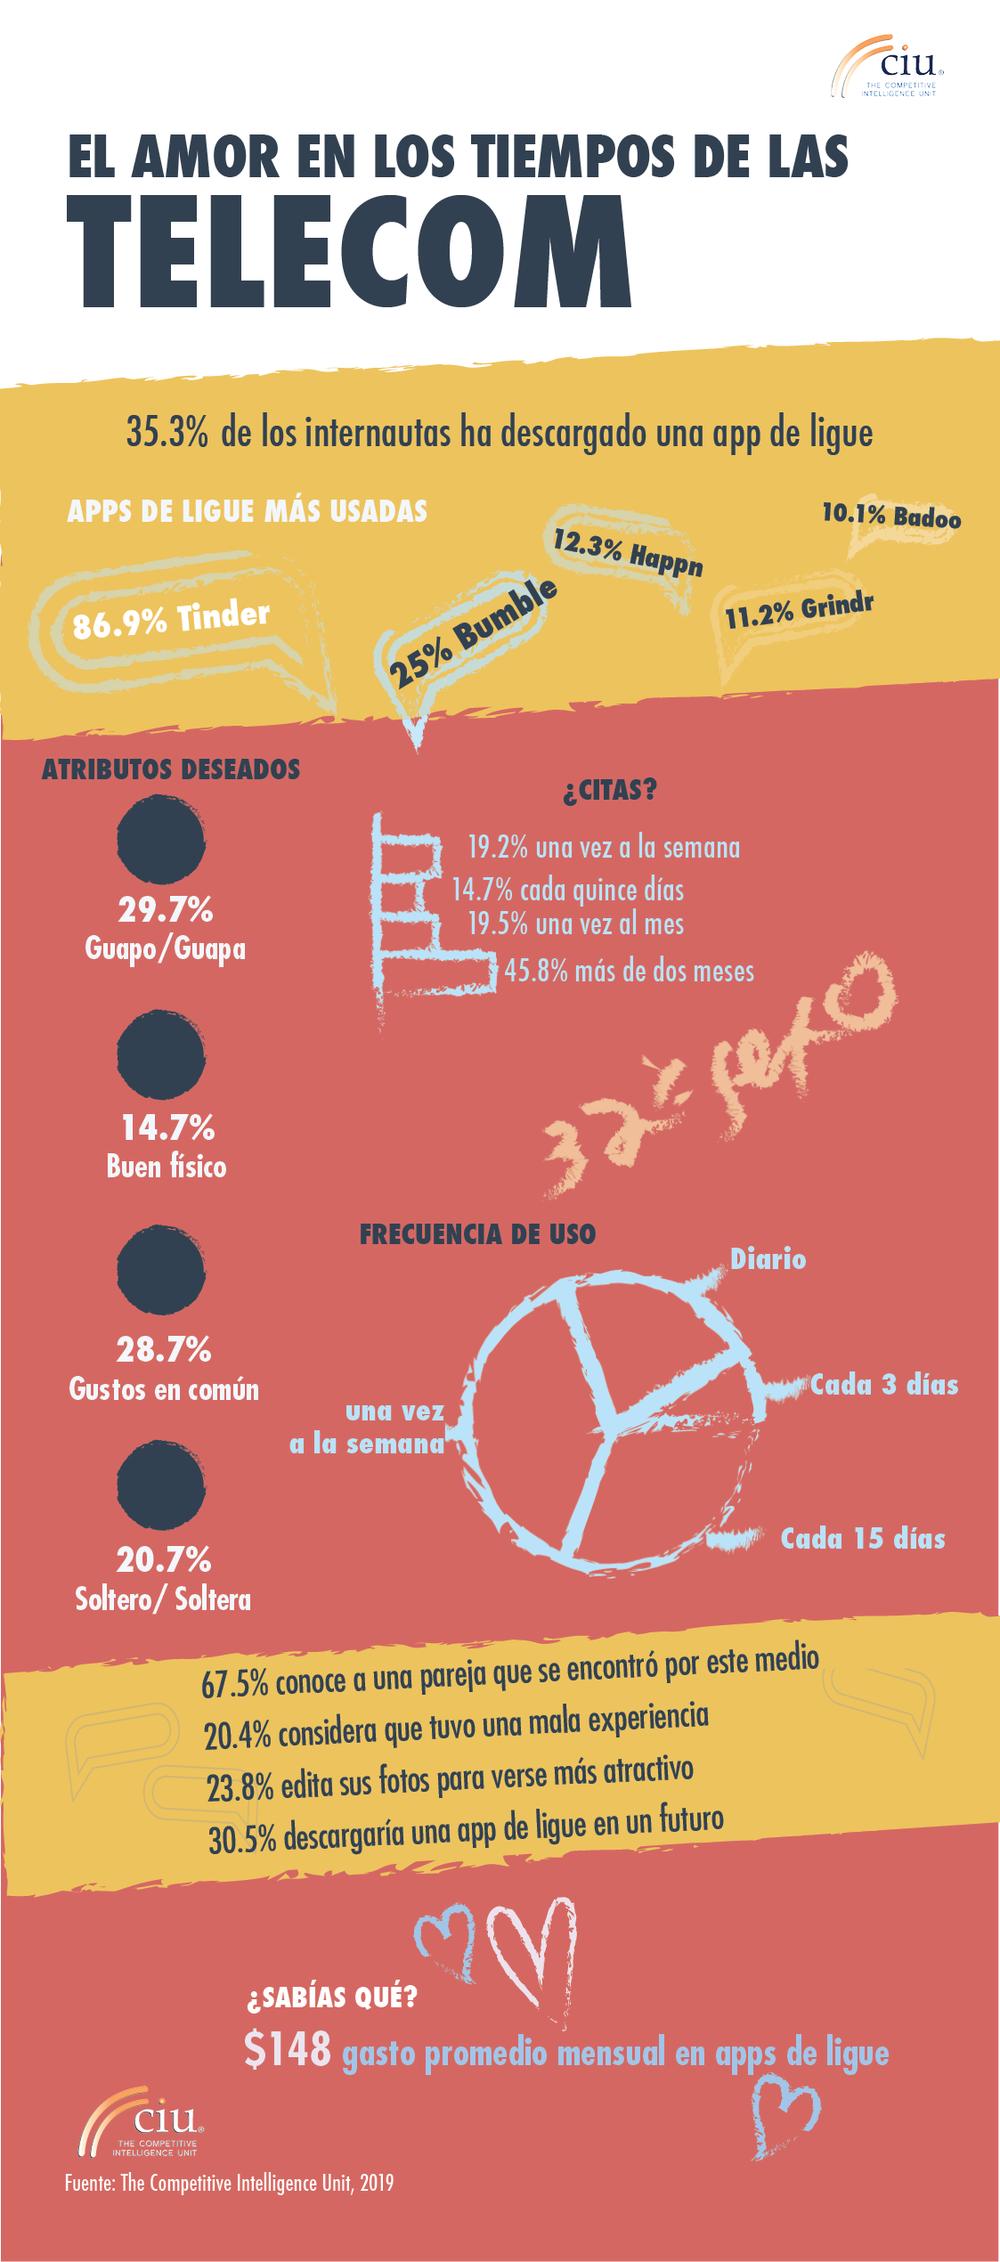 CIU-Infografía Amor en Tiempos de las Telecom 2019 (II).png